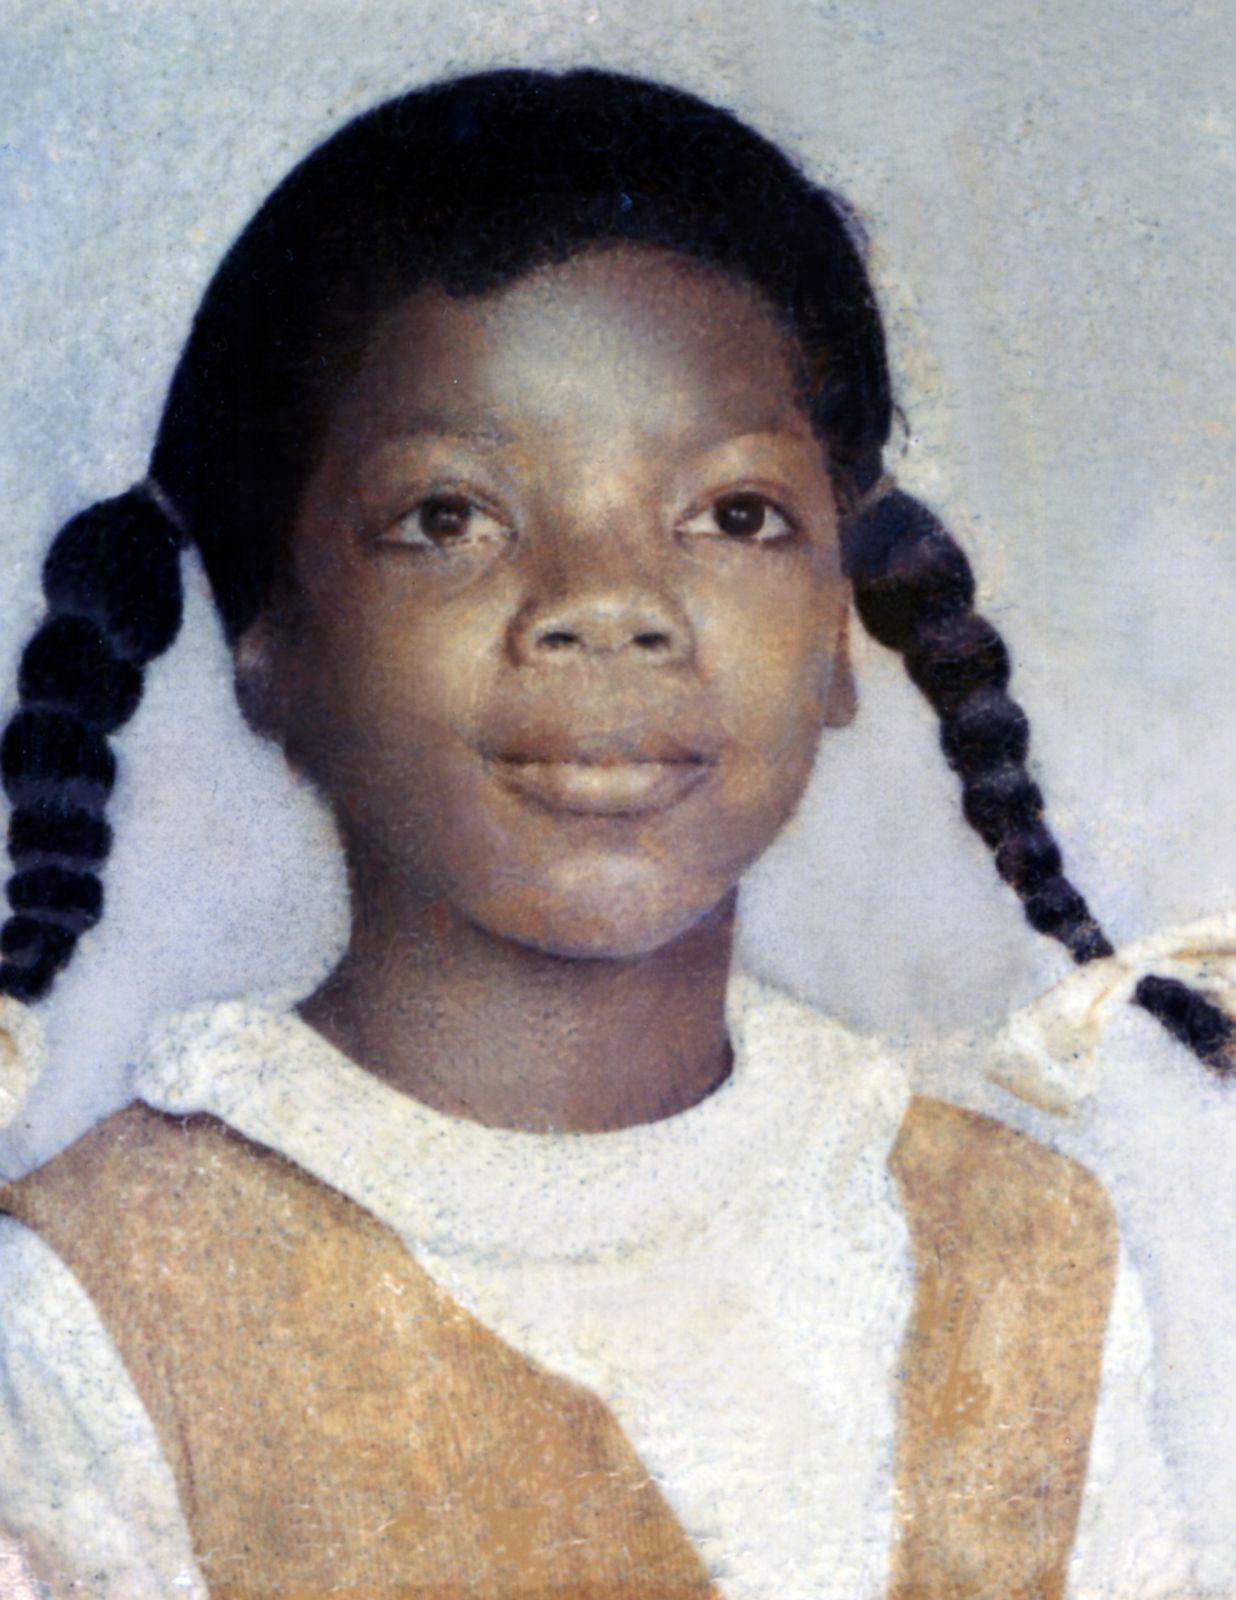 Душераздирающе Она убила его за изнасилование своей 3-летней дочери. А сейчас ей дают 30 лет заключения. Где справедливость новые фото